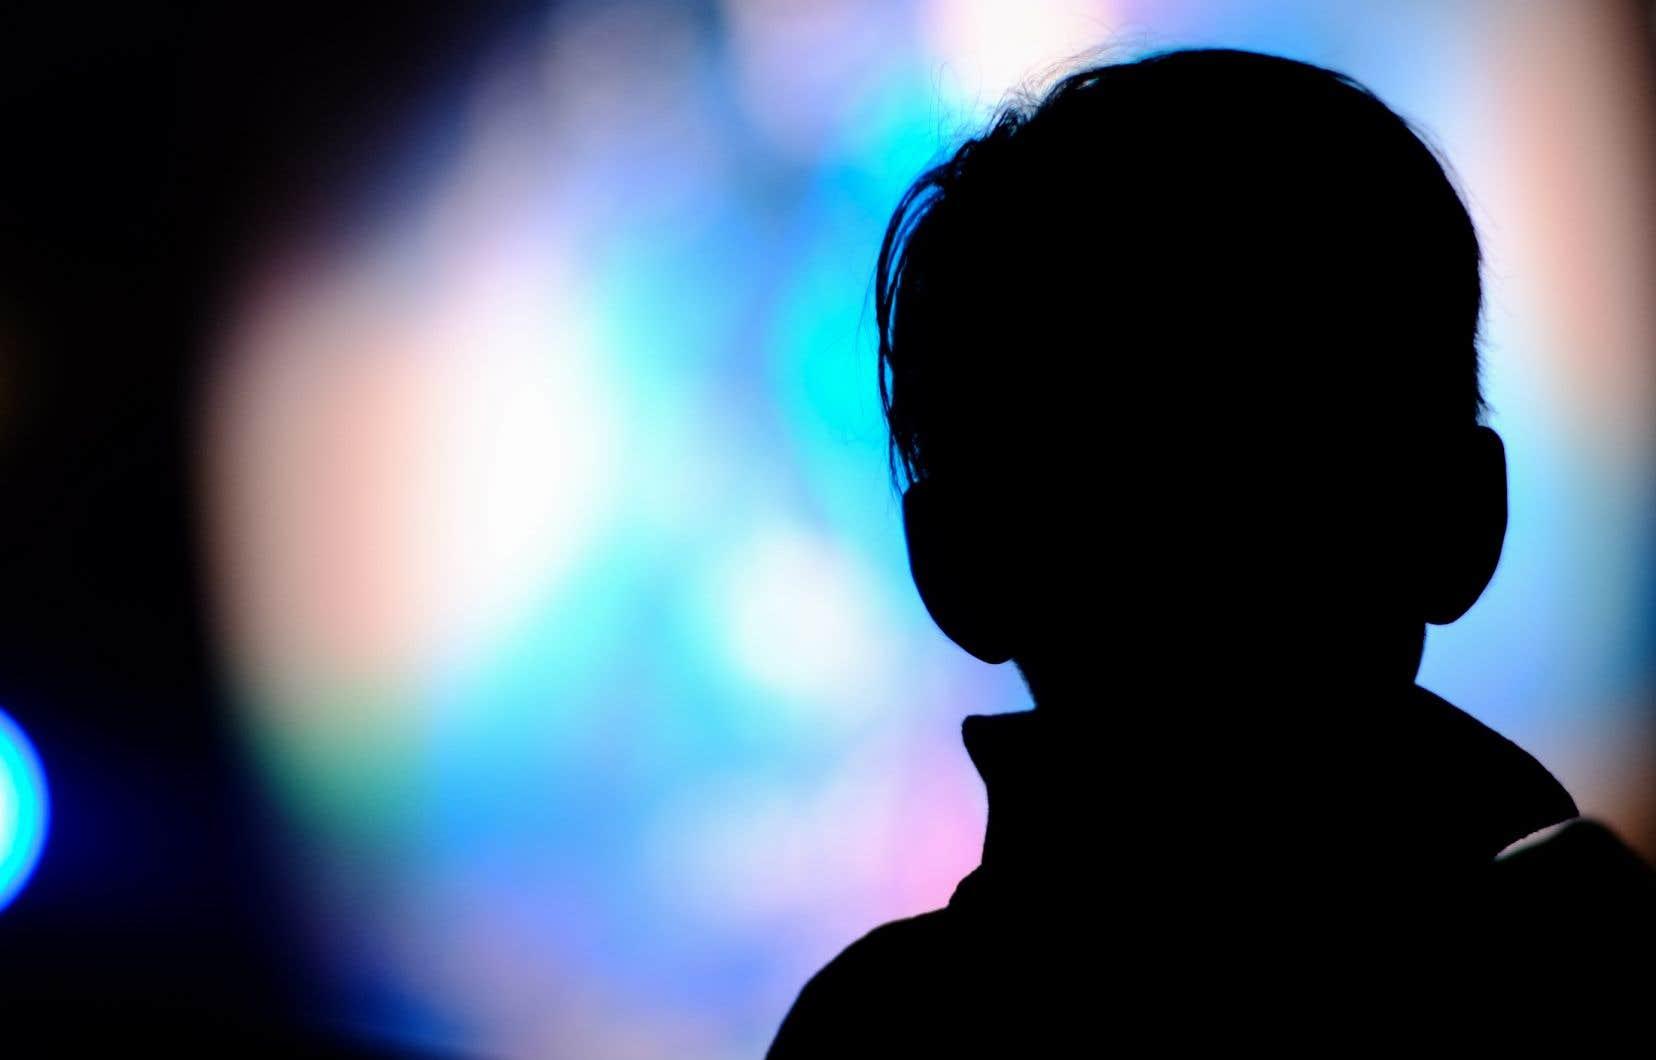 Les plans d'intervention apparaissent souvent rédigés à l'avance, sans offrir de place aux considérations des jeunes.